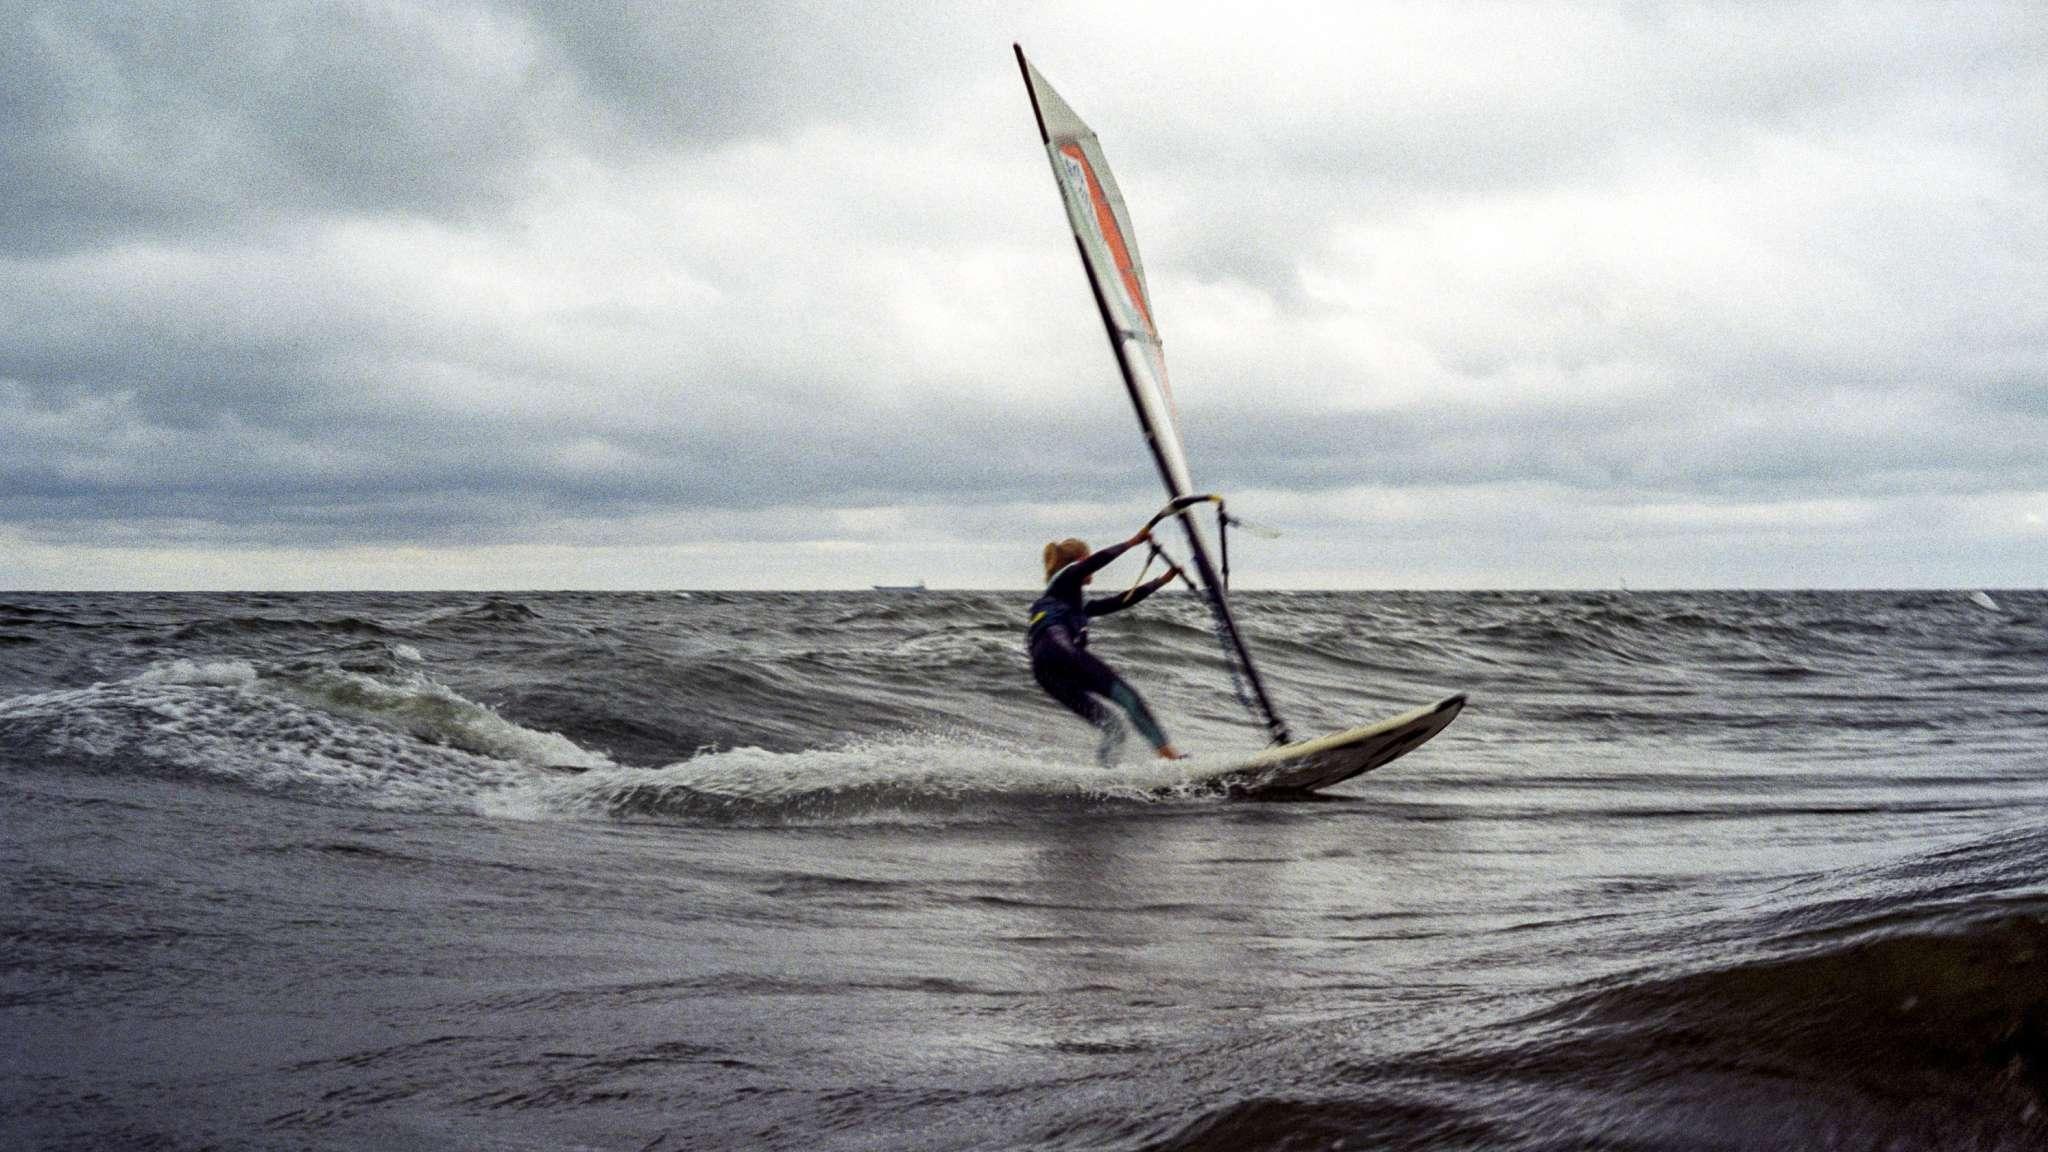 curso windsurf y espanol